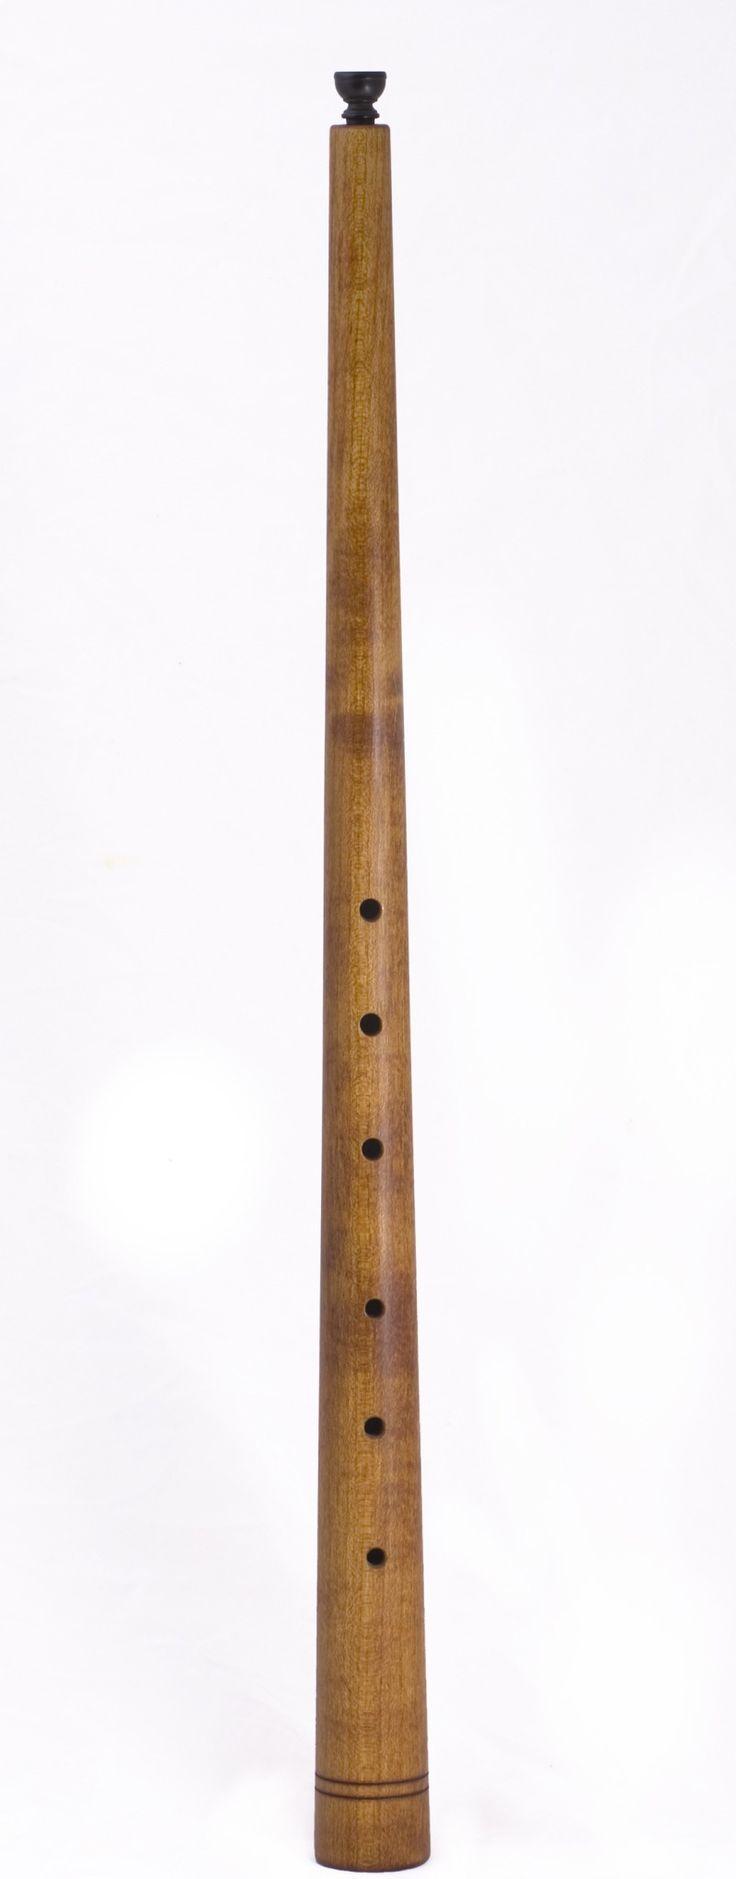 MusicArt CORNETTO     El cornetto, también conocido como corneta renacentista, corneta negra o corneta curva es un instrumento de viento del periodo medieval, renacentista y barroco. No debe ser confundido con la corneta actual, que aunque se parezca en el nombre, se refiere a cosas distintas. Este instrumento se utilizó en el Renacimiento. La corneta (su auténtico nombre en español), tiene forma de un tubo (de unos 60 centímetros de longitud), y suele estar hecho de madera, marfil, o en el…